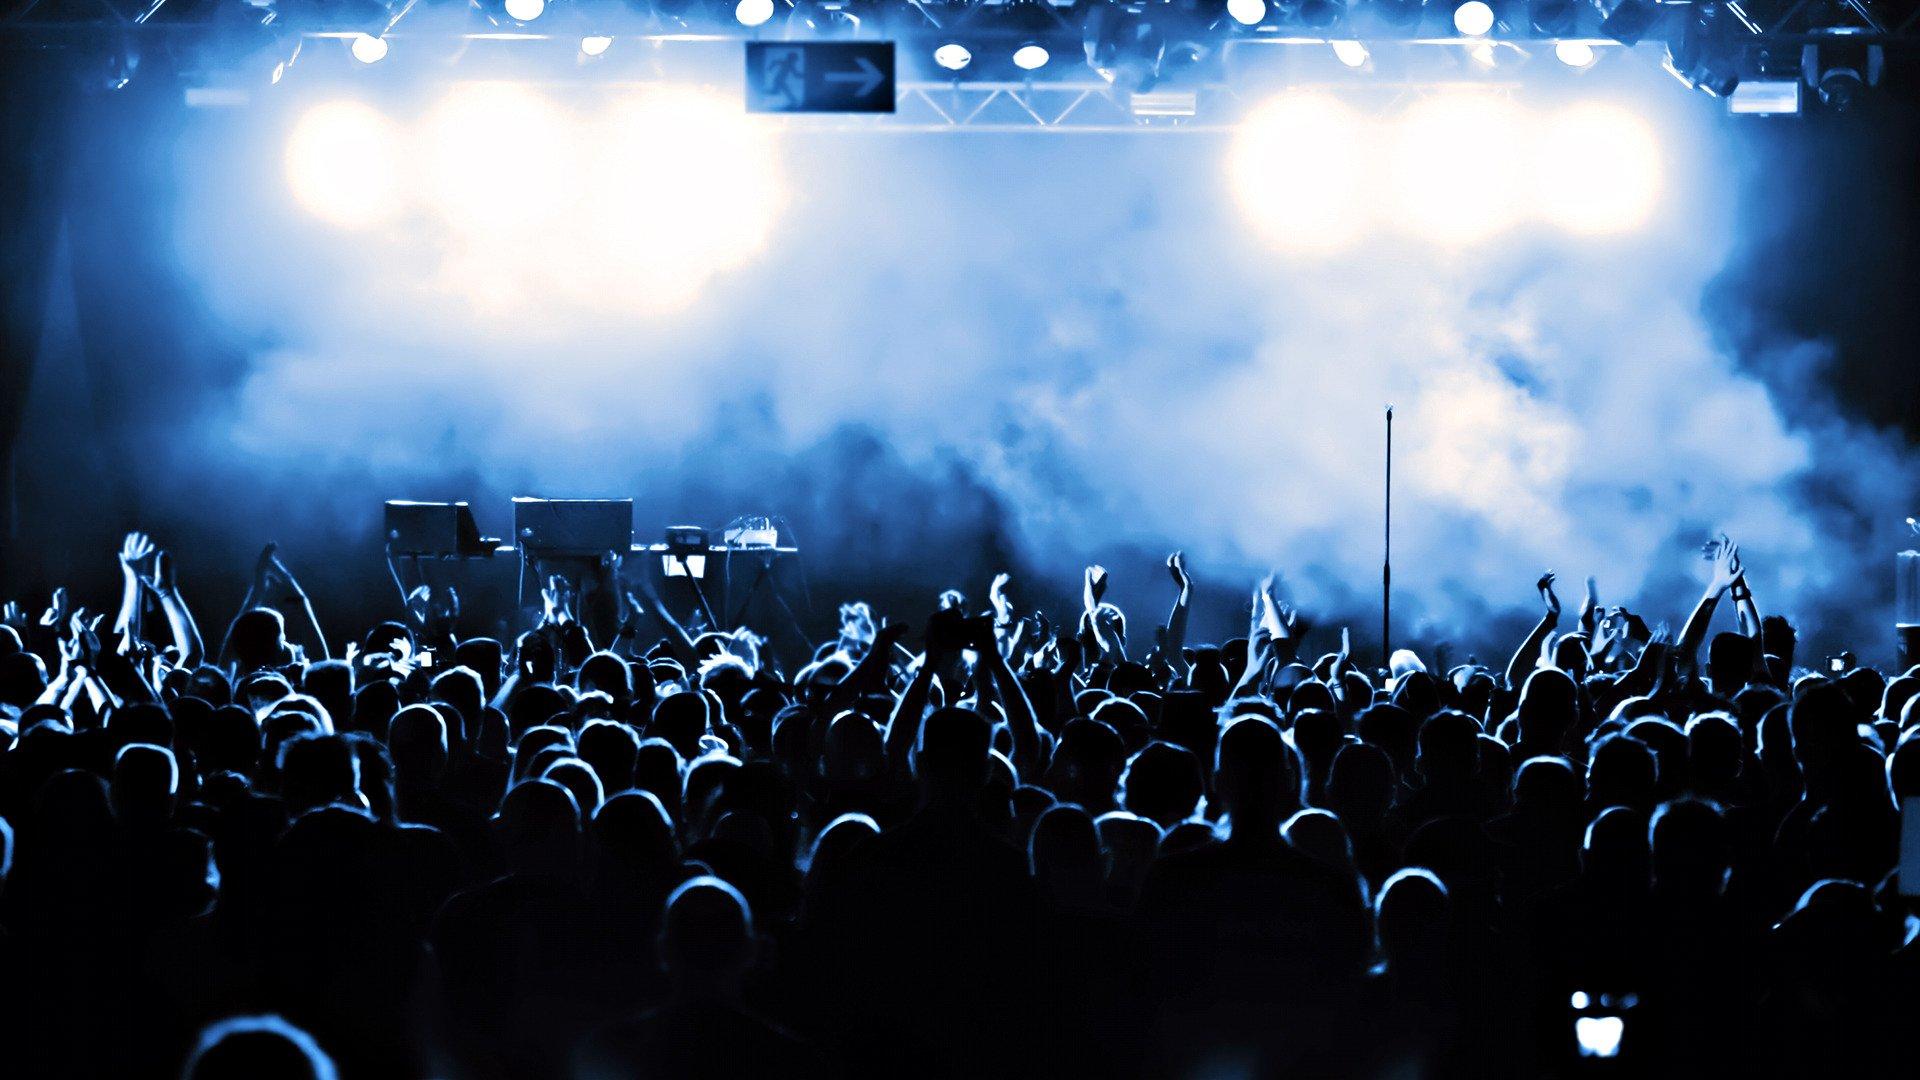 Fotos de escenarios musicales